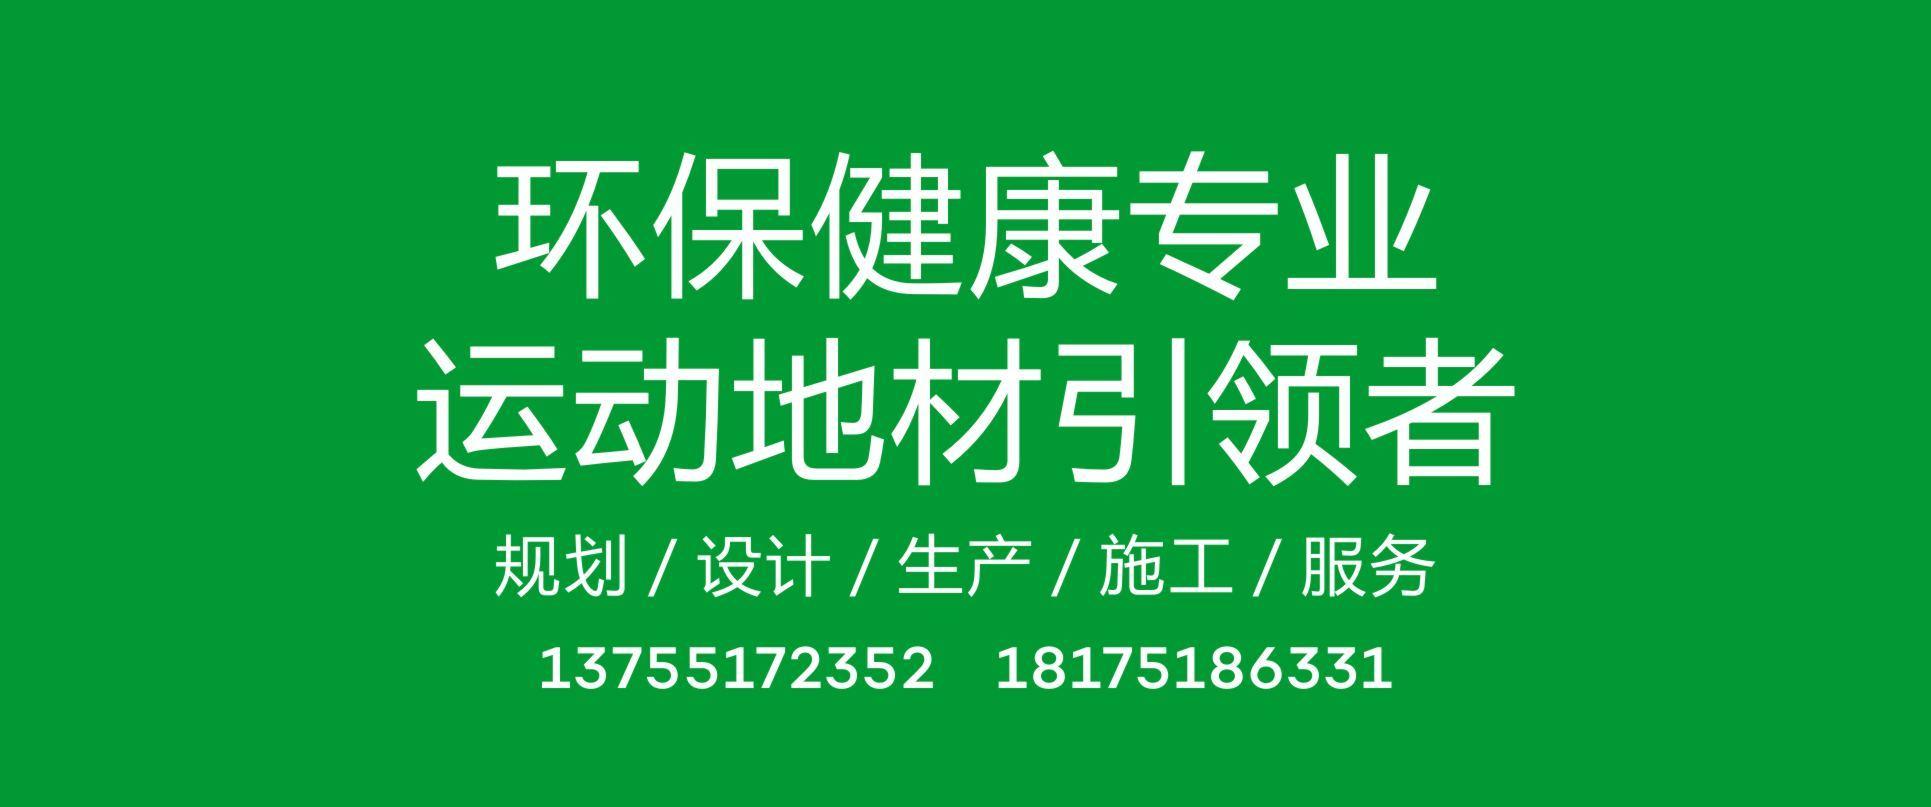 湖南知名体育品牌 - 湖南尚恒体育设施工程有限公司